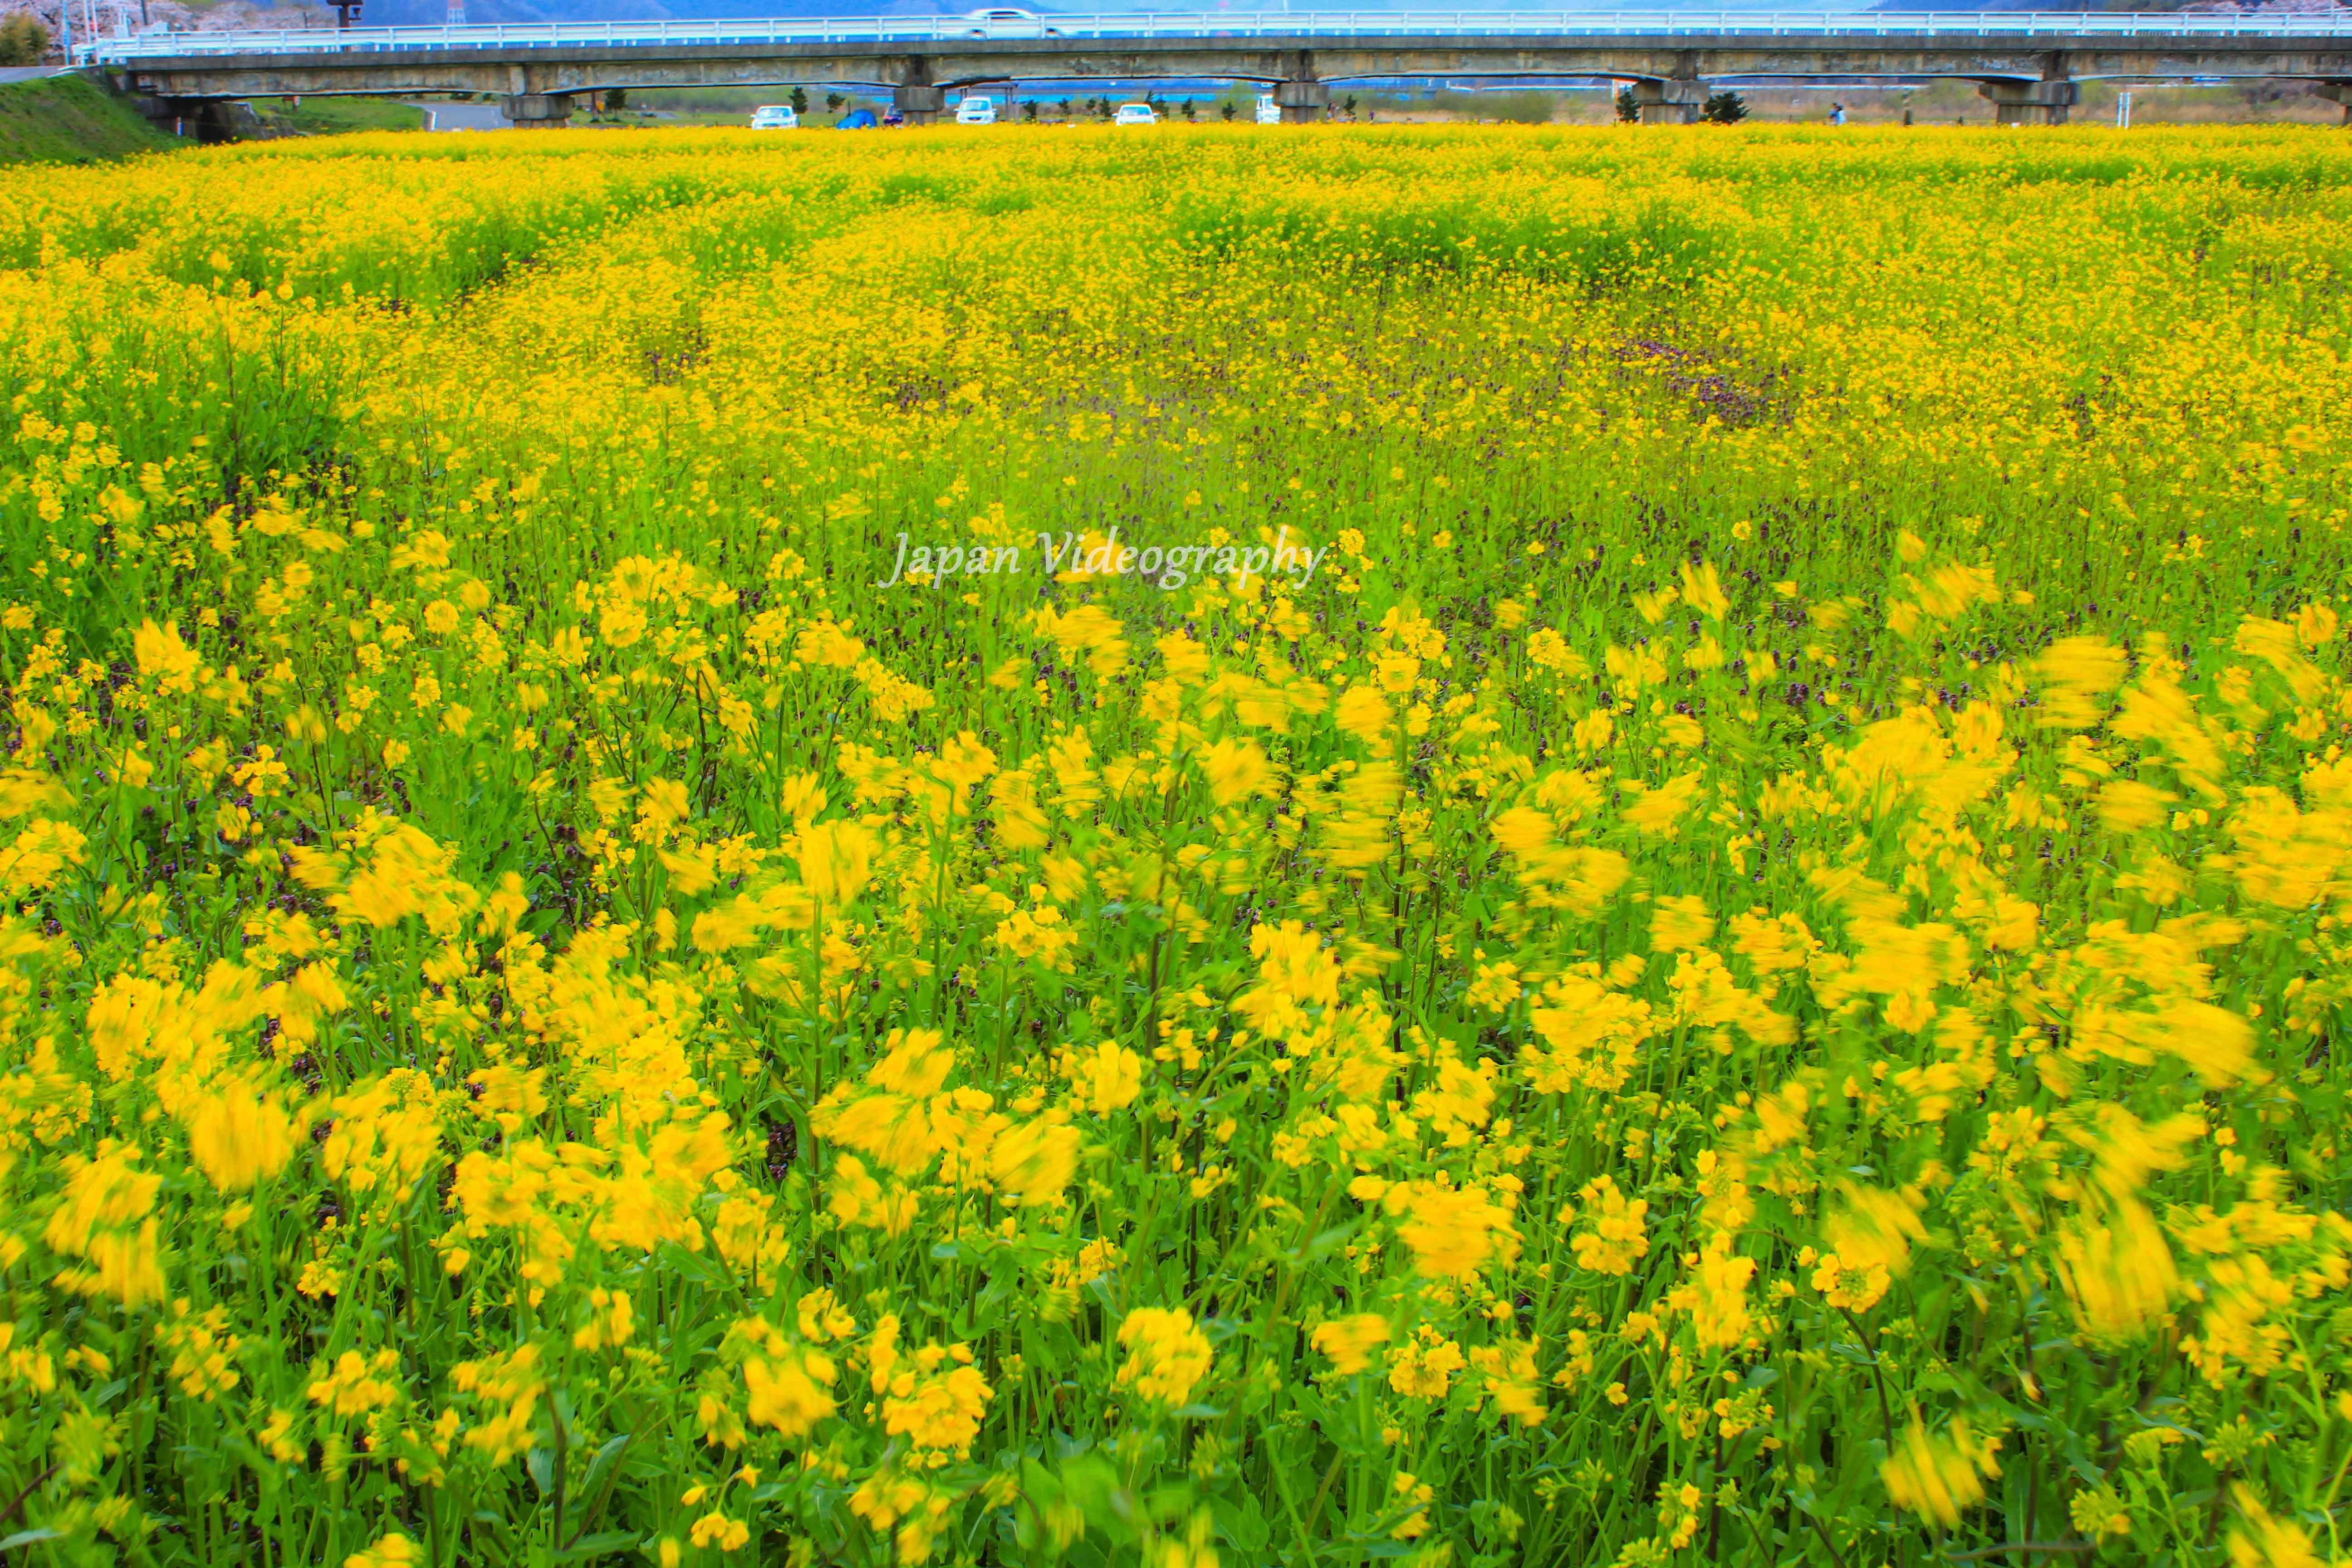 宮城県大崎市のイベント 川渡温泉菜の花フェスティバル